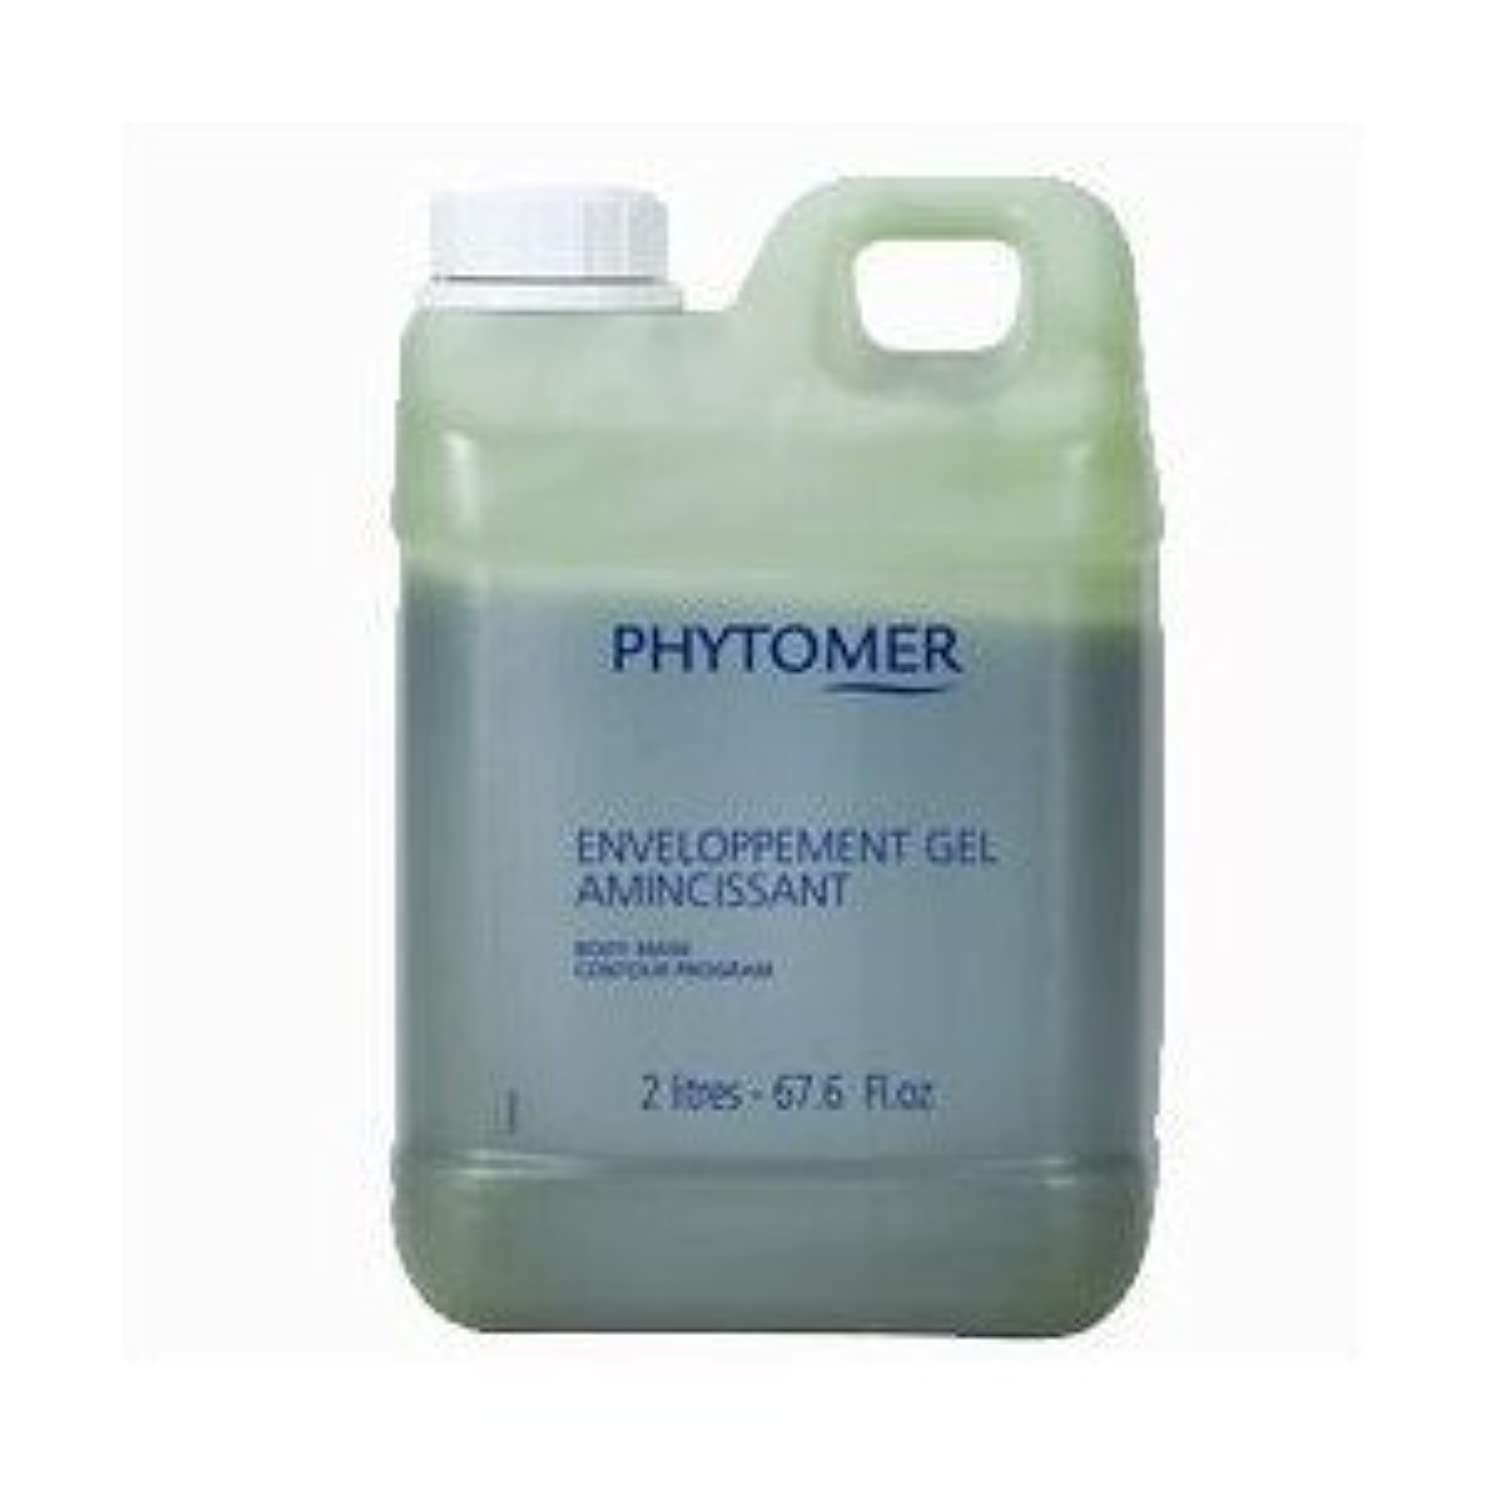 【送料無料】【業務用】フィトメール アマンスィサン ジェル 2000ml(燃焼を高めるジェル状海藻マスク)PHYTOMER m-i